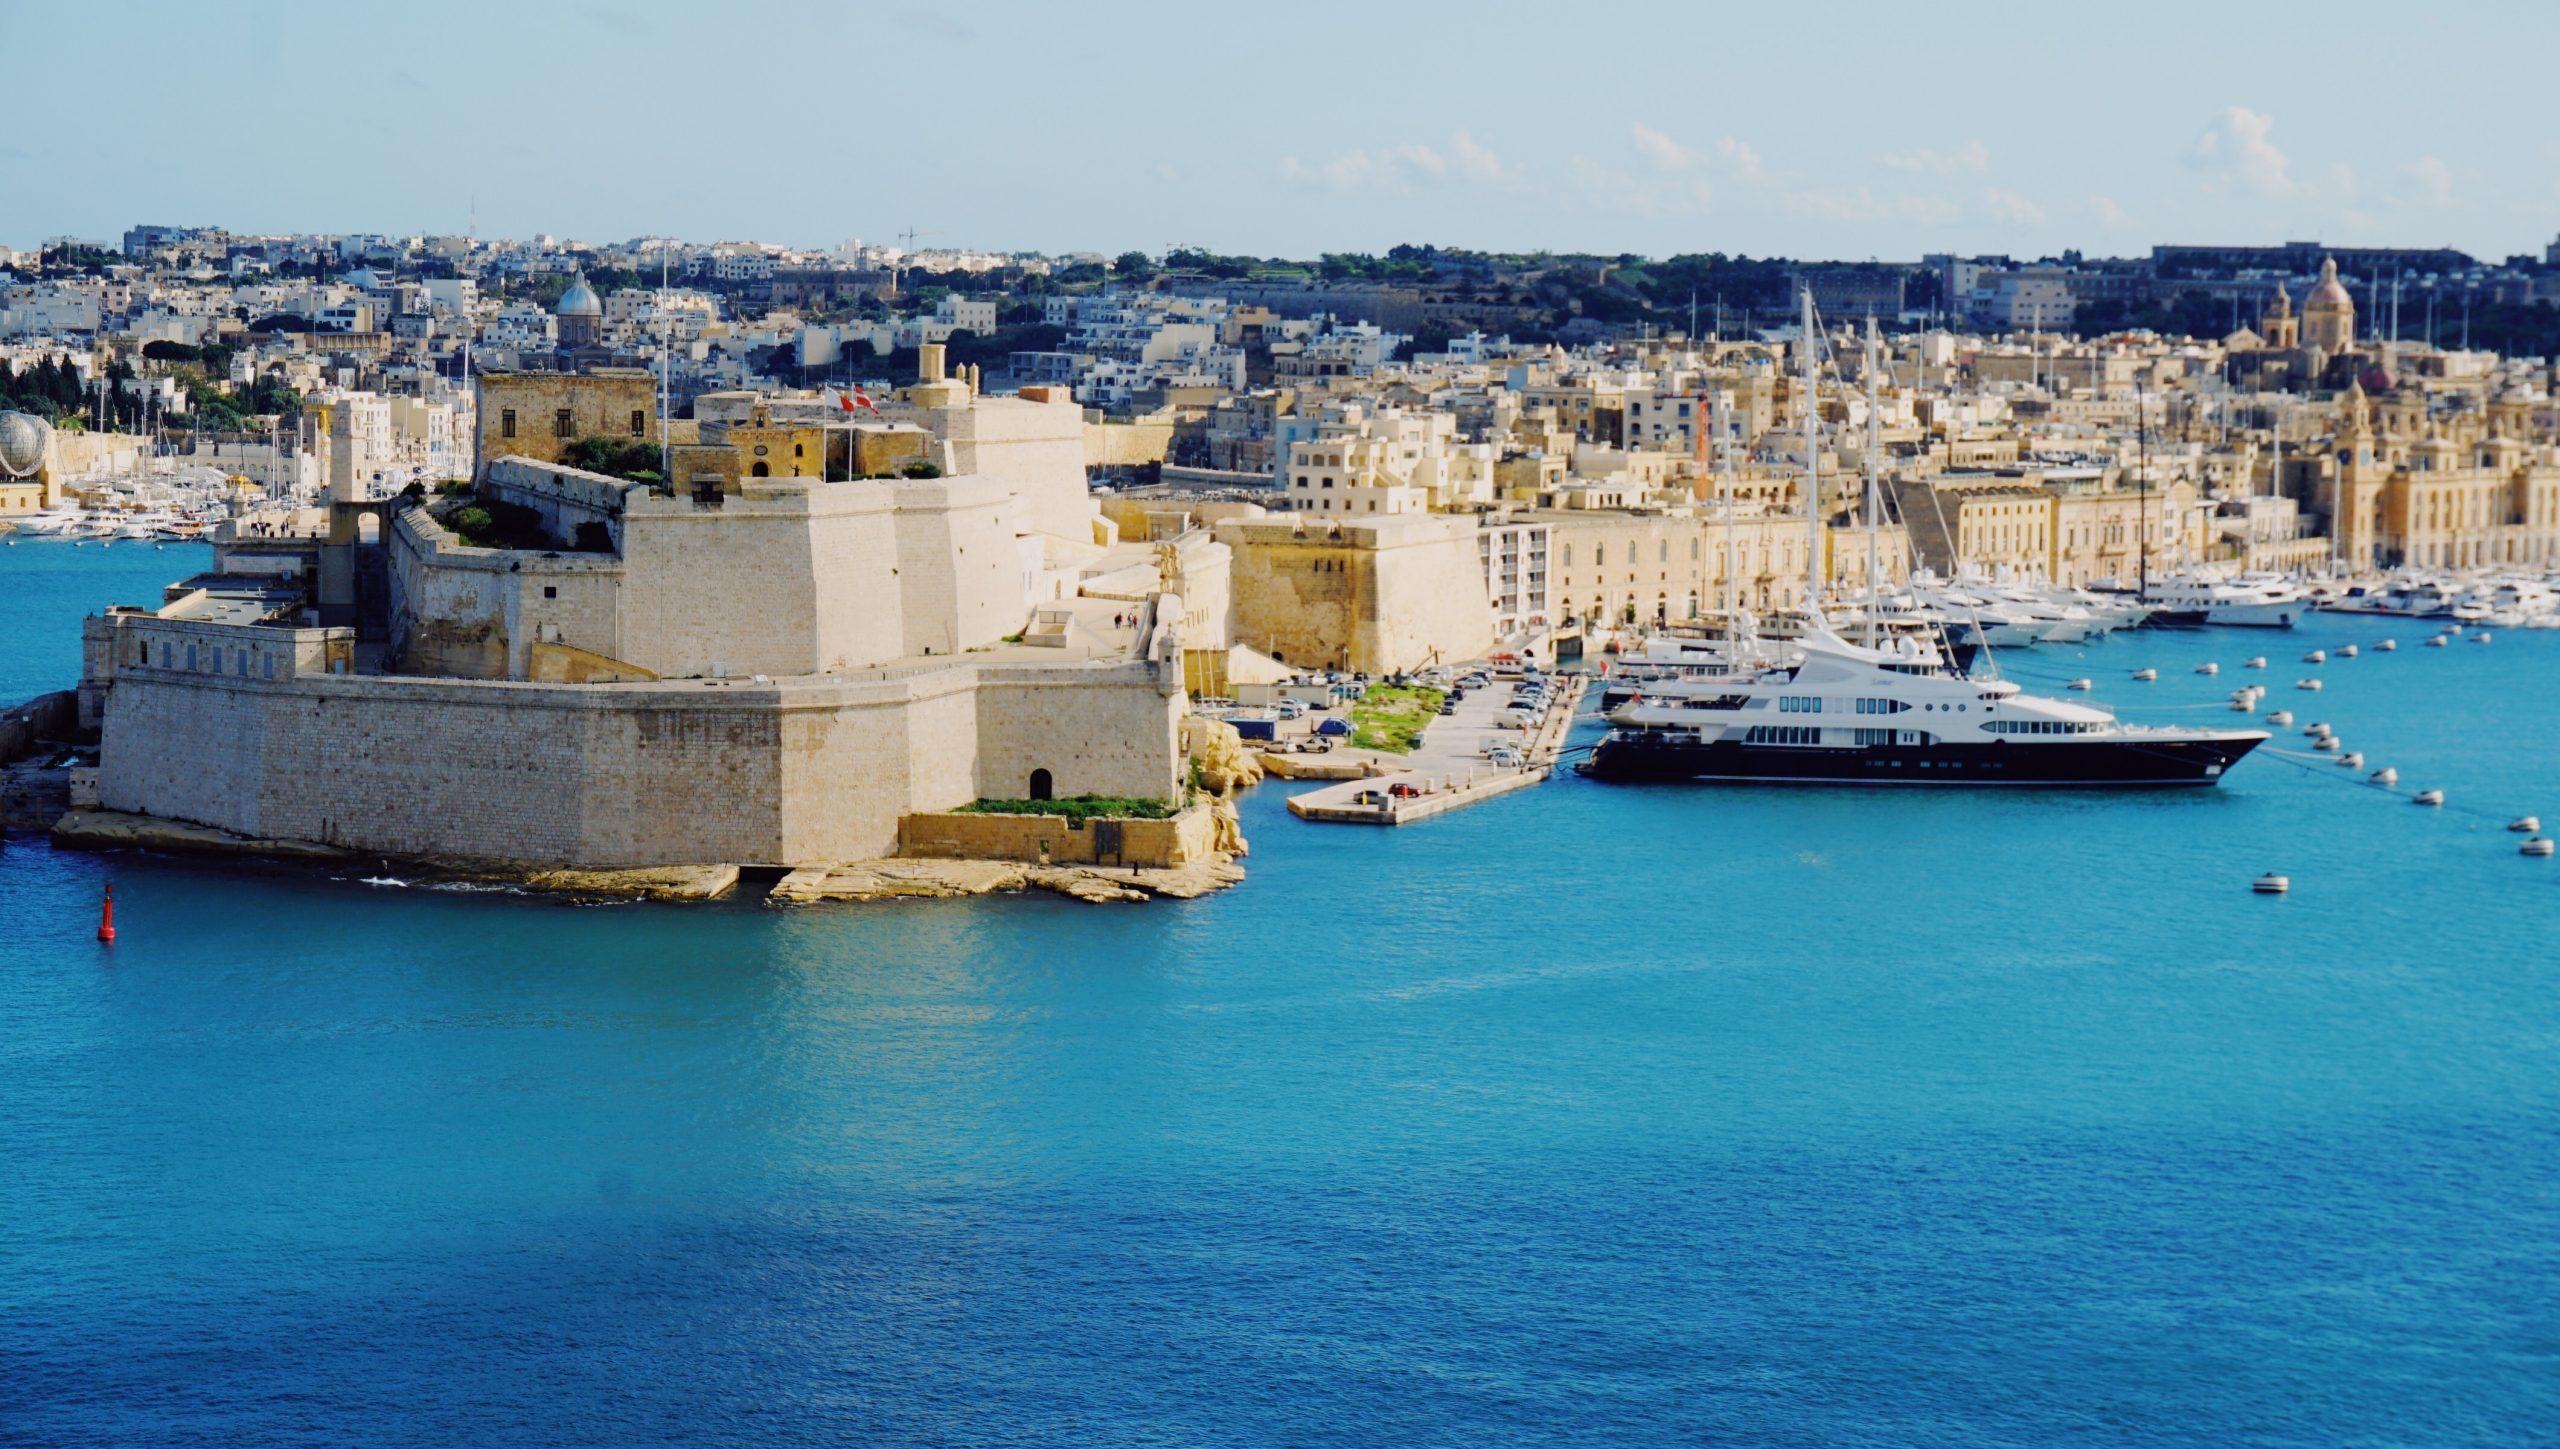 malta4yacht